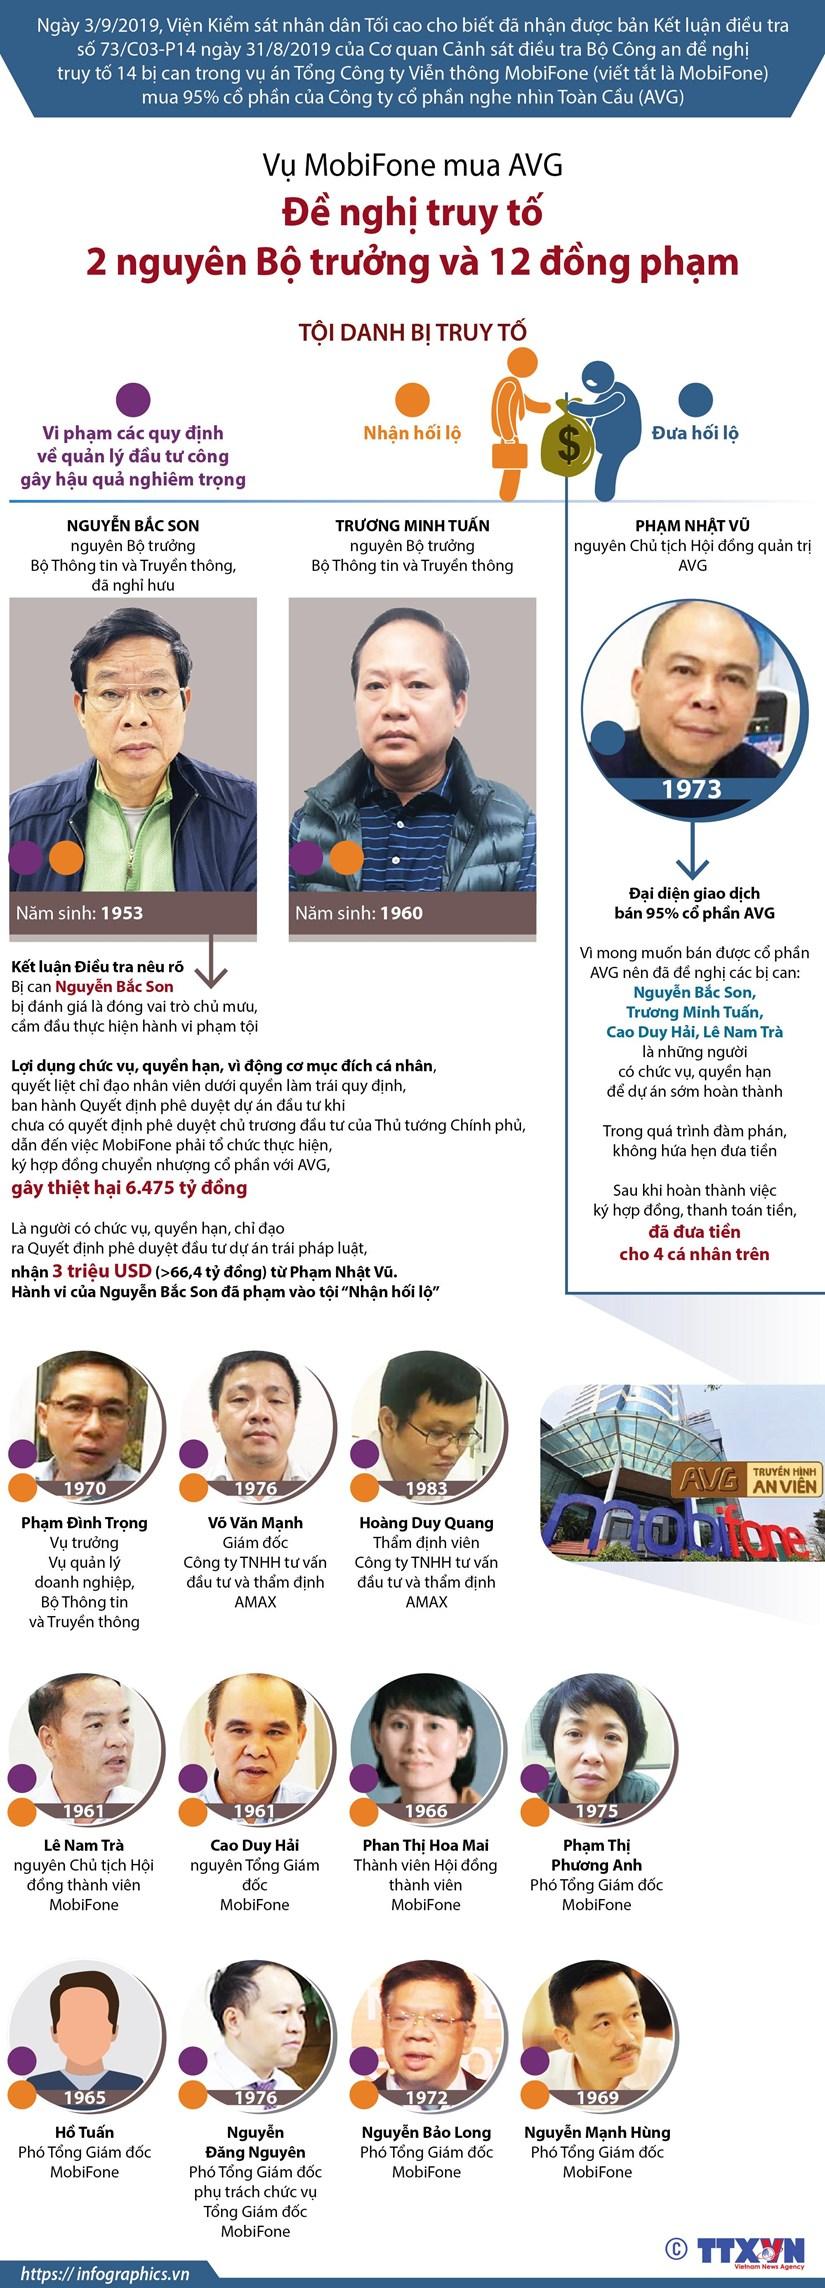 [Infographics] Thong tin ve 14 bi can trong vu Mobifone mua AVG hinh anh 1